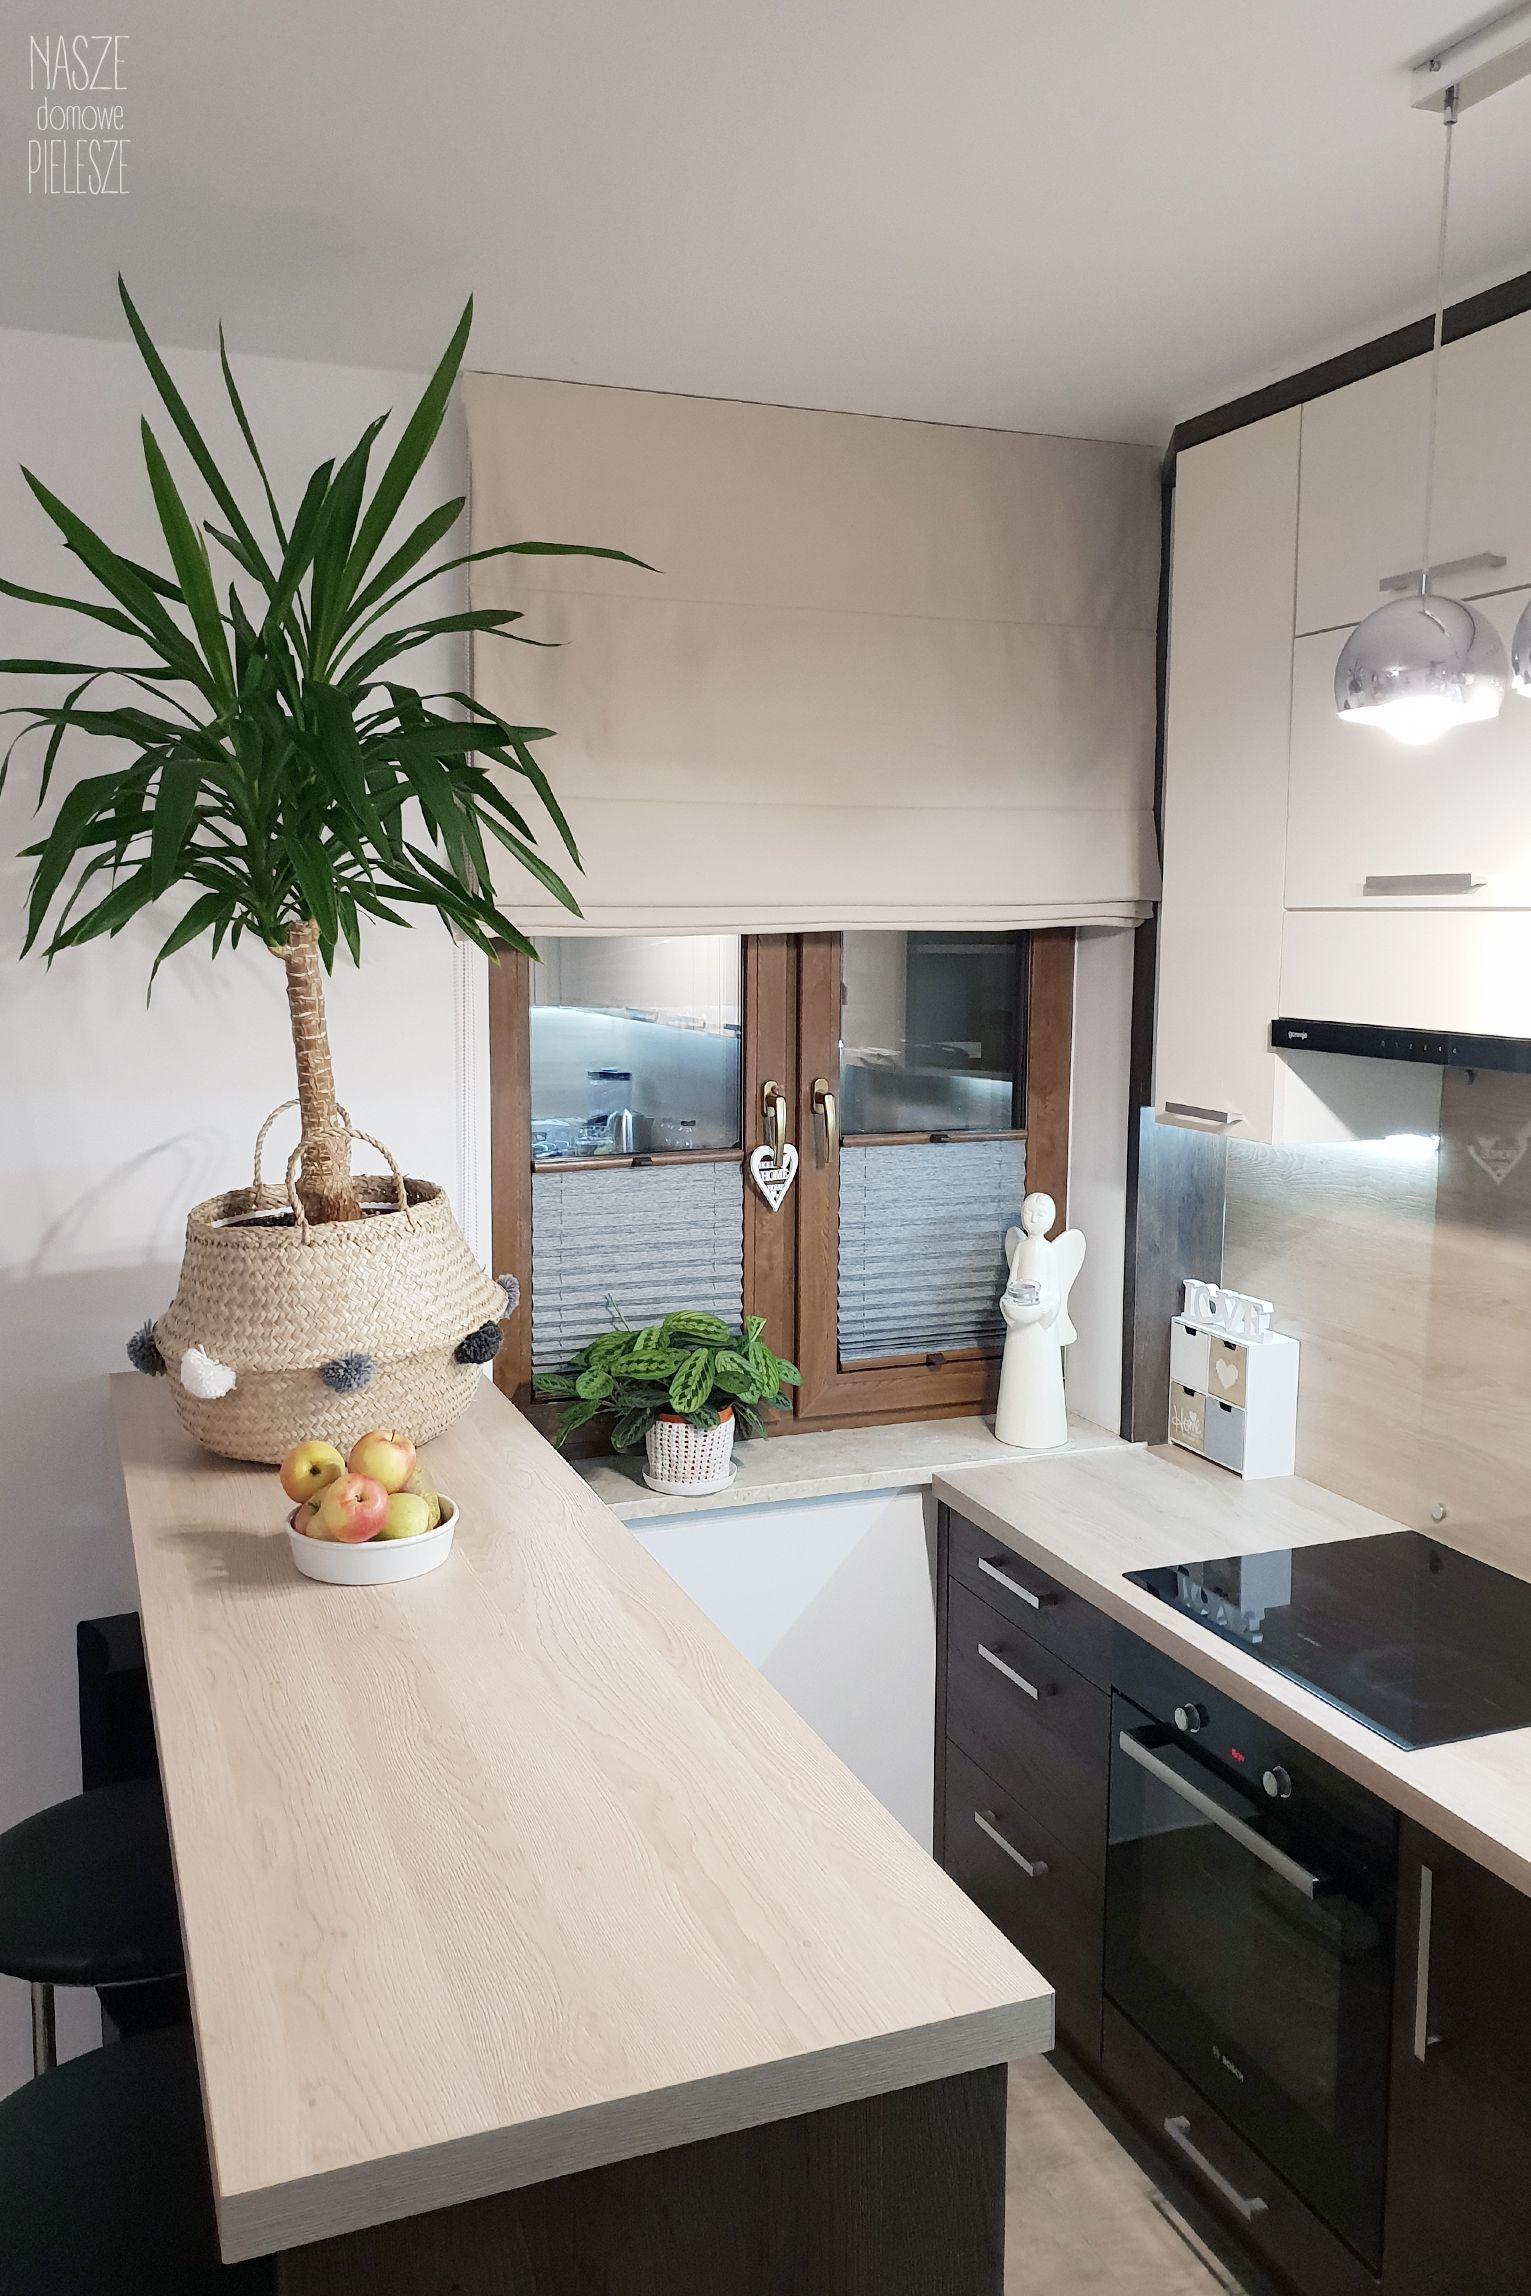 Roleta Rzymska I Plisy W Kuchni Nasze Domowe Pielesze Home Decor Home Decor